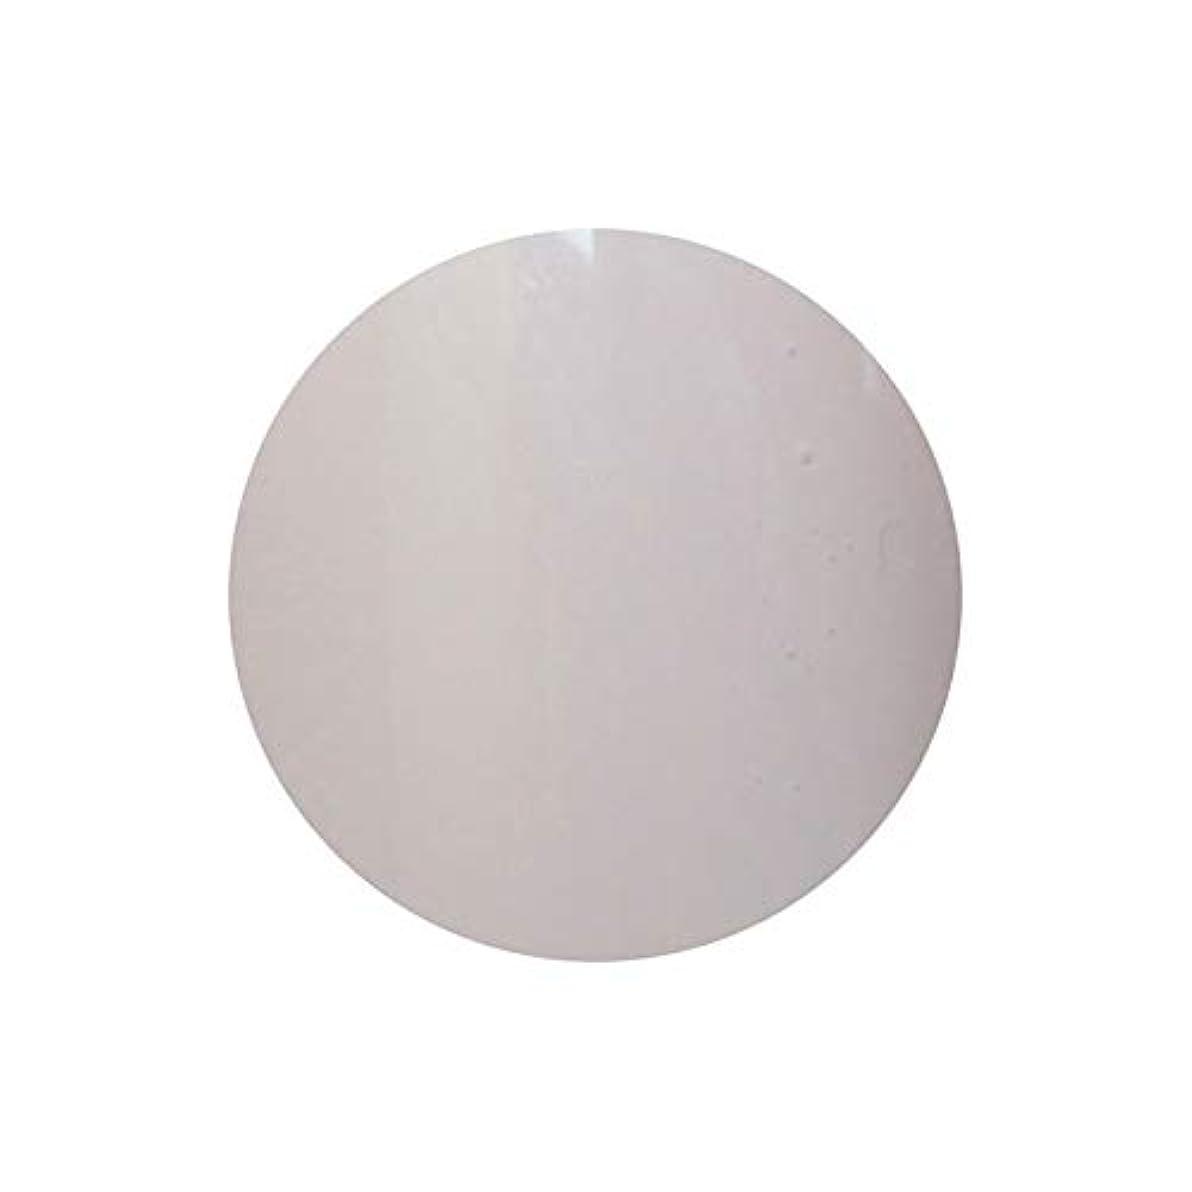 ランデブー限られた貧困NEW】T-GEL COLLECTION カラージェル D220 モカホワイト 4ml